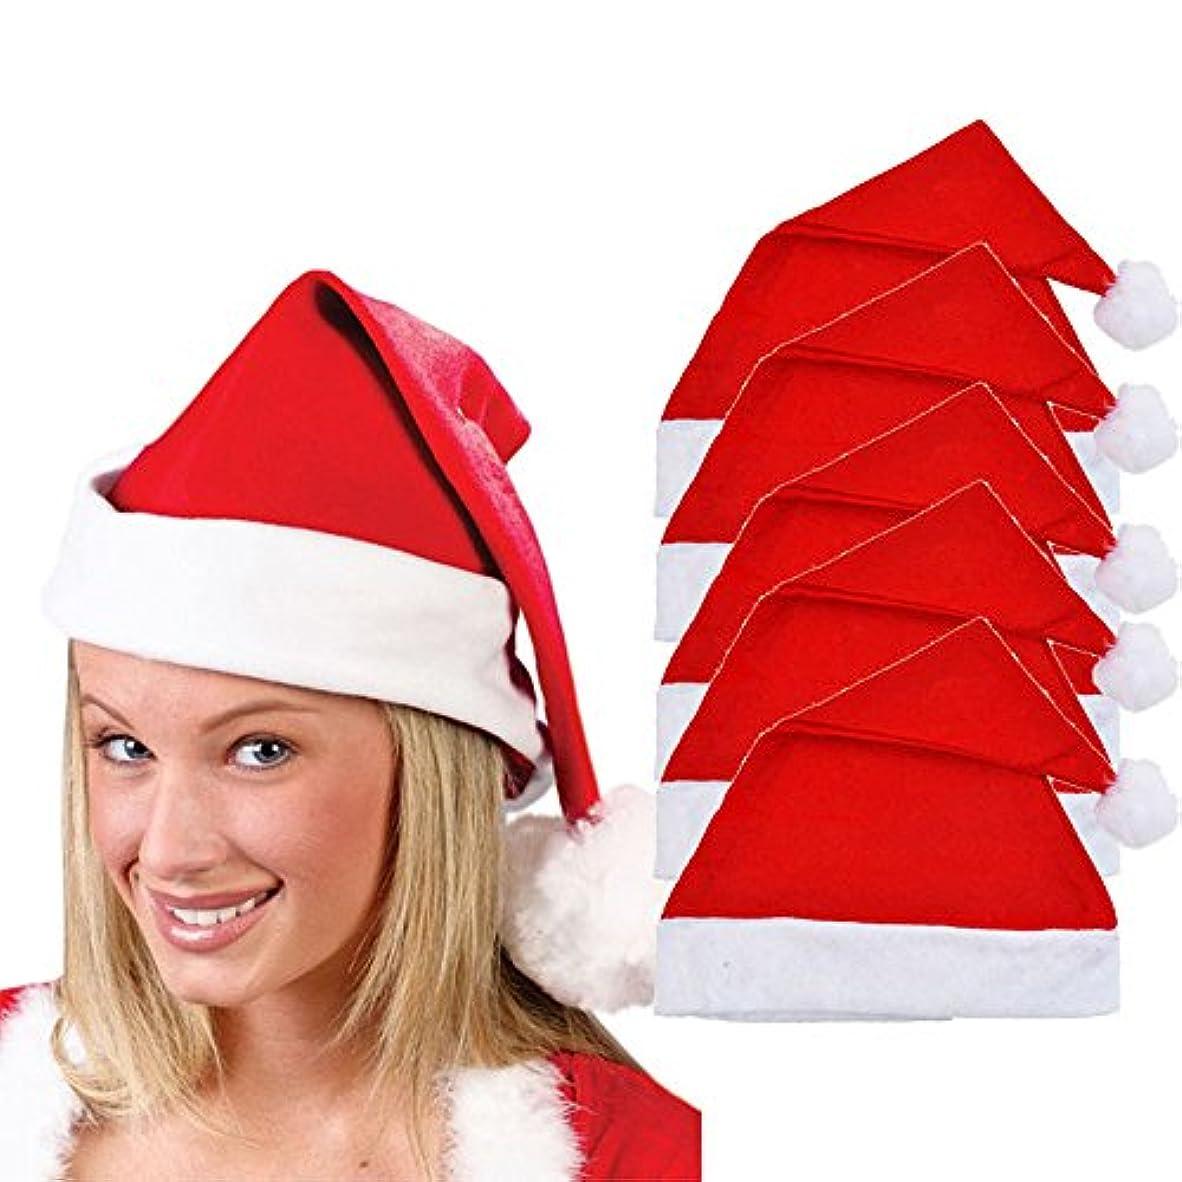 染料いじめっ子最小化するRacazing クリスマスハット 5つの レッド Hat ライト ドームキャップ 防寒対策 通気性のある 防風 ニット帽 暖かい 軽量 屋外 スキー 自転車 クリスマス 男女兼用 Christmas Cap